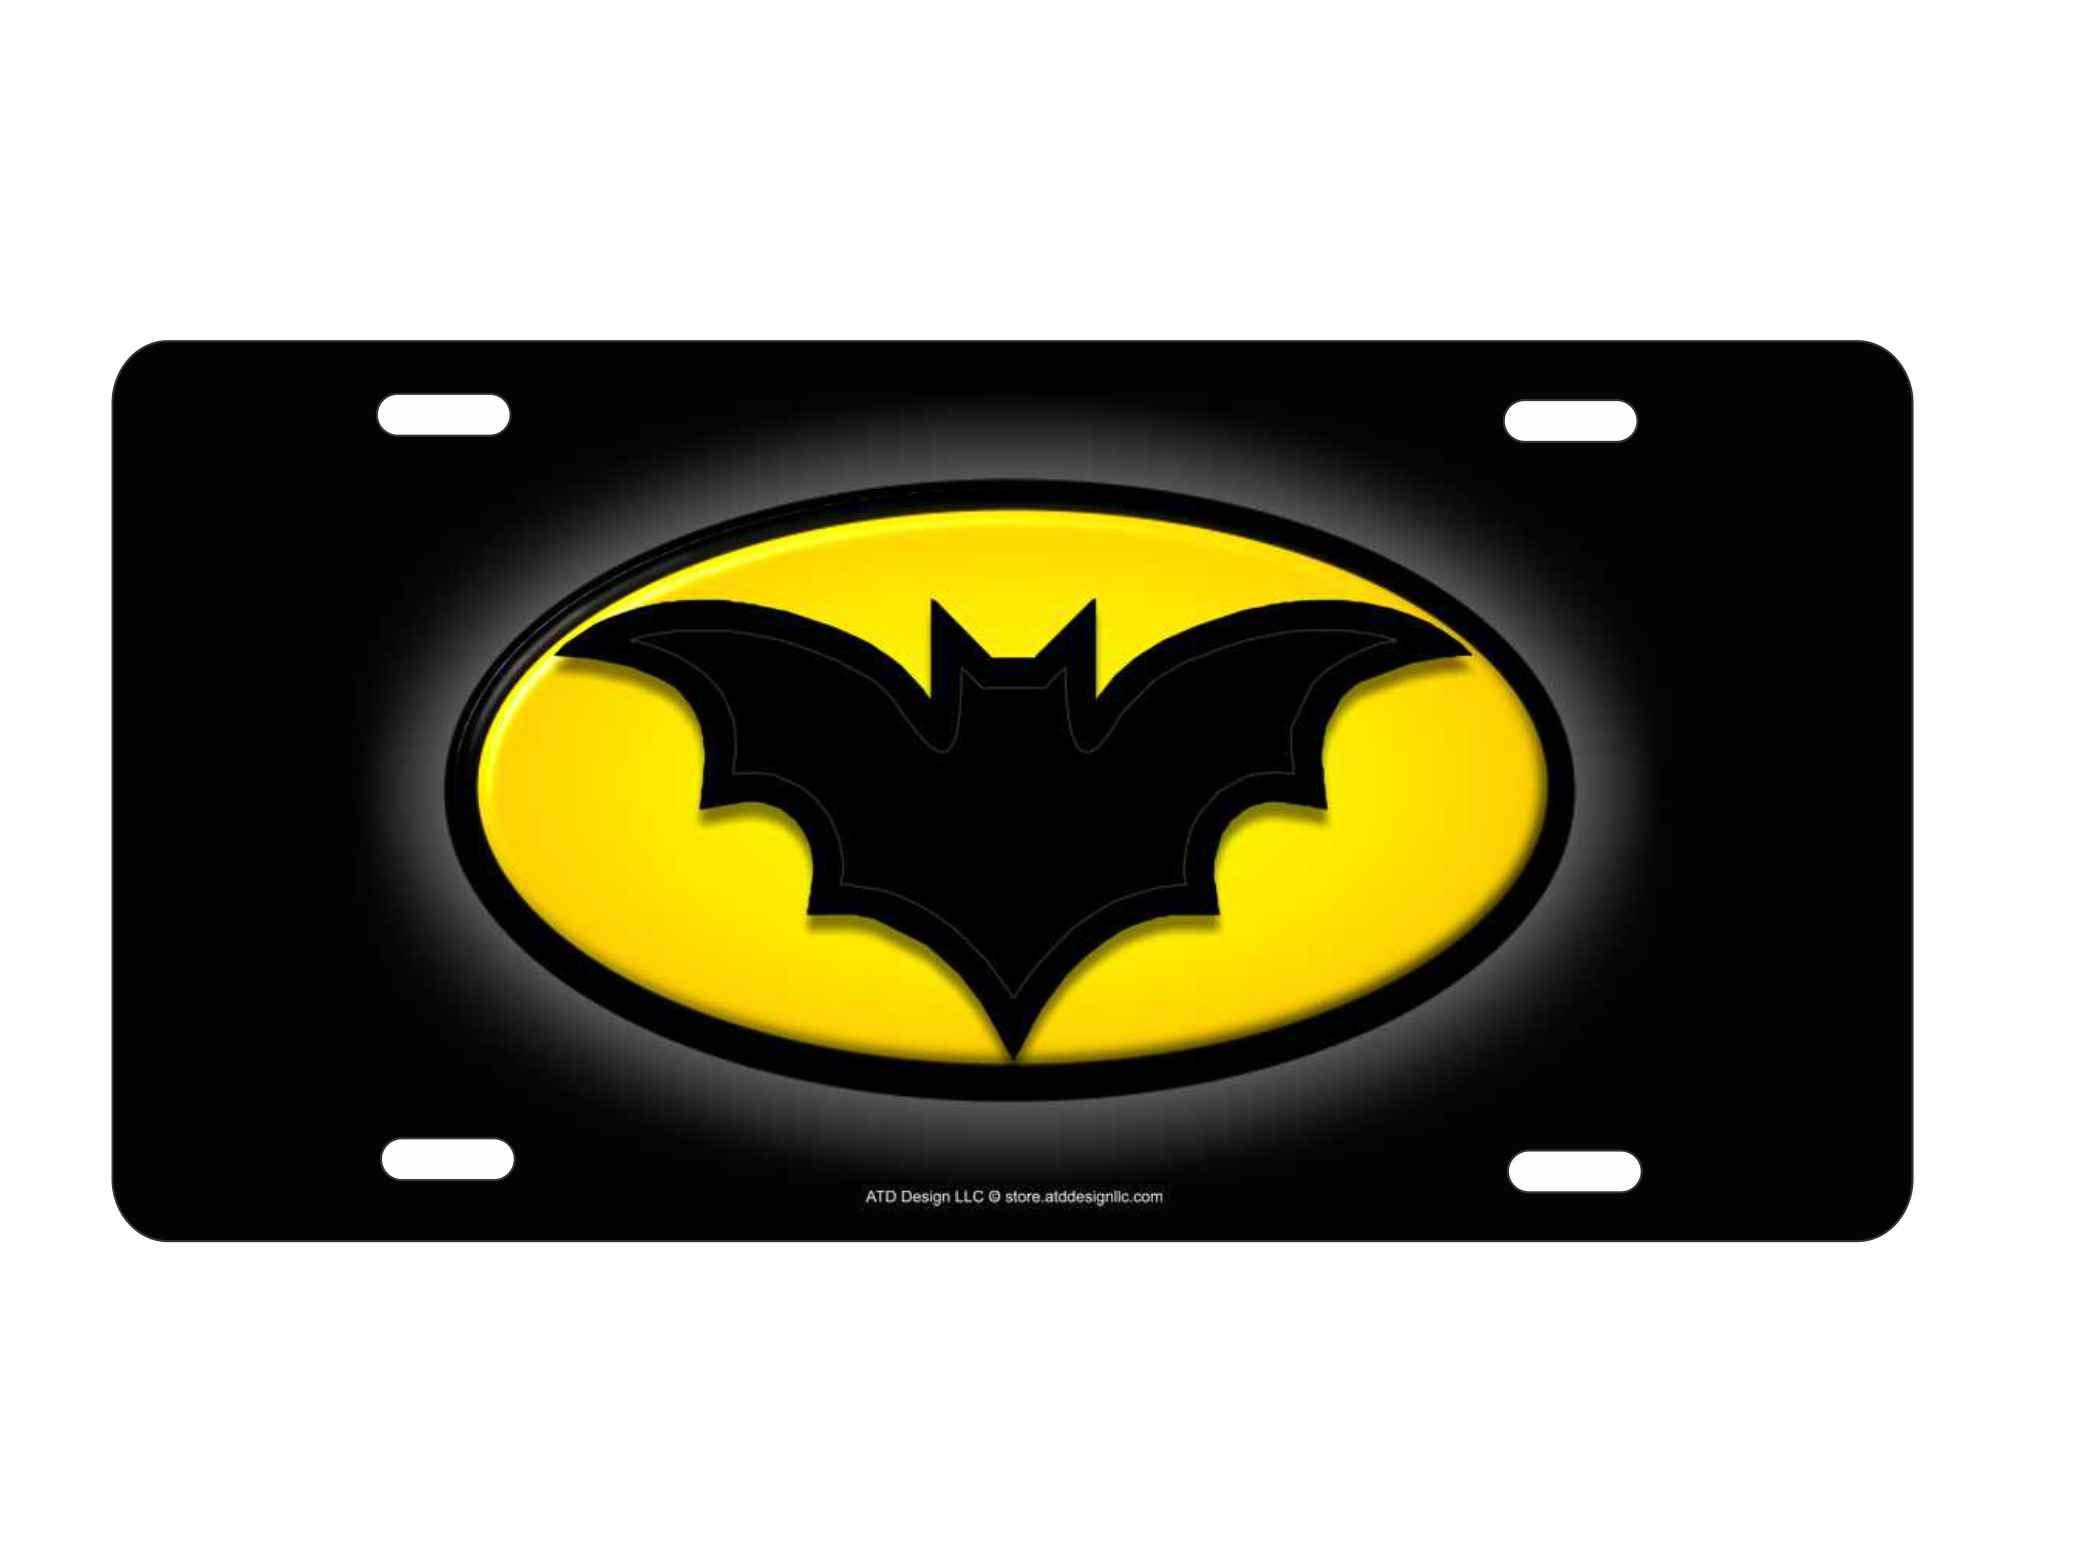 ATD Novelty License Plate Batmobile Printed Bat Logo Not 3D, Not Embossed, Not Raised